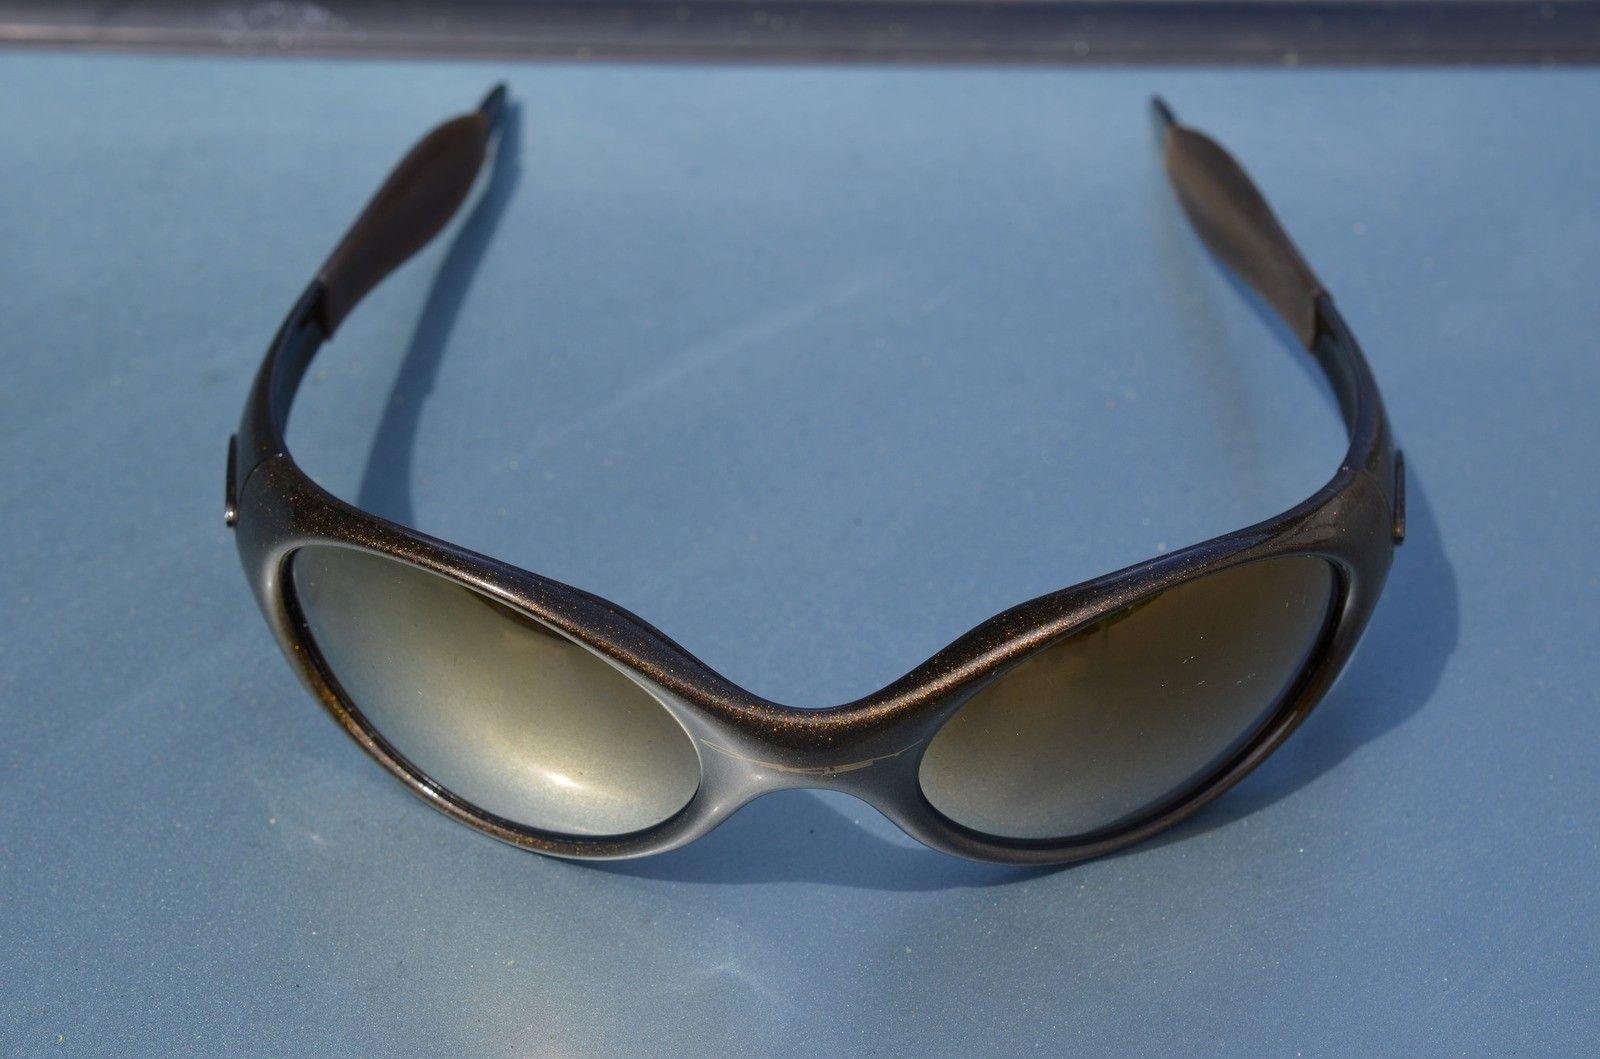 fe1aaf483ce Dental Safety Glasses Oakley « Heritage Malta